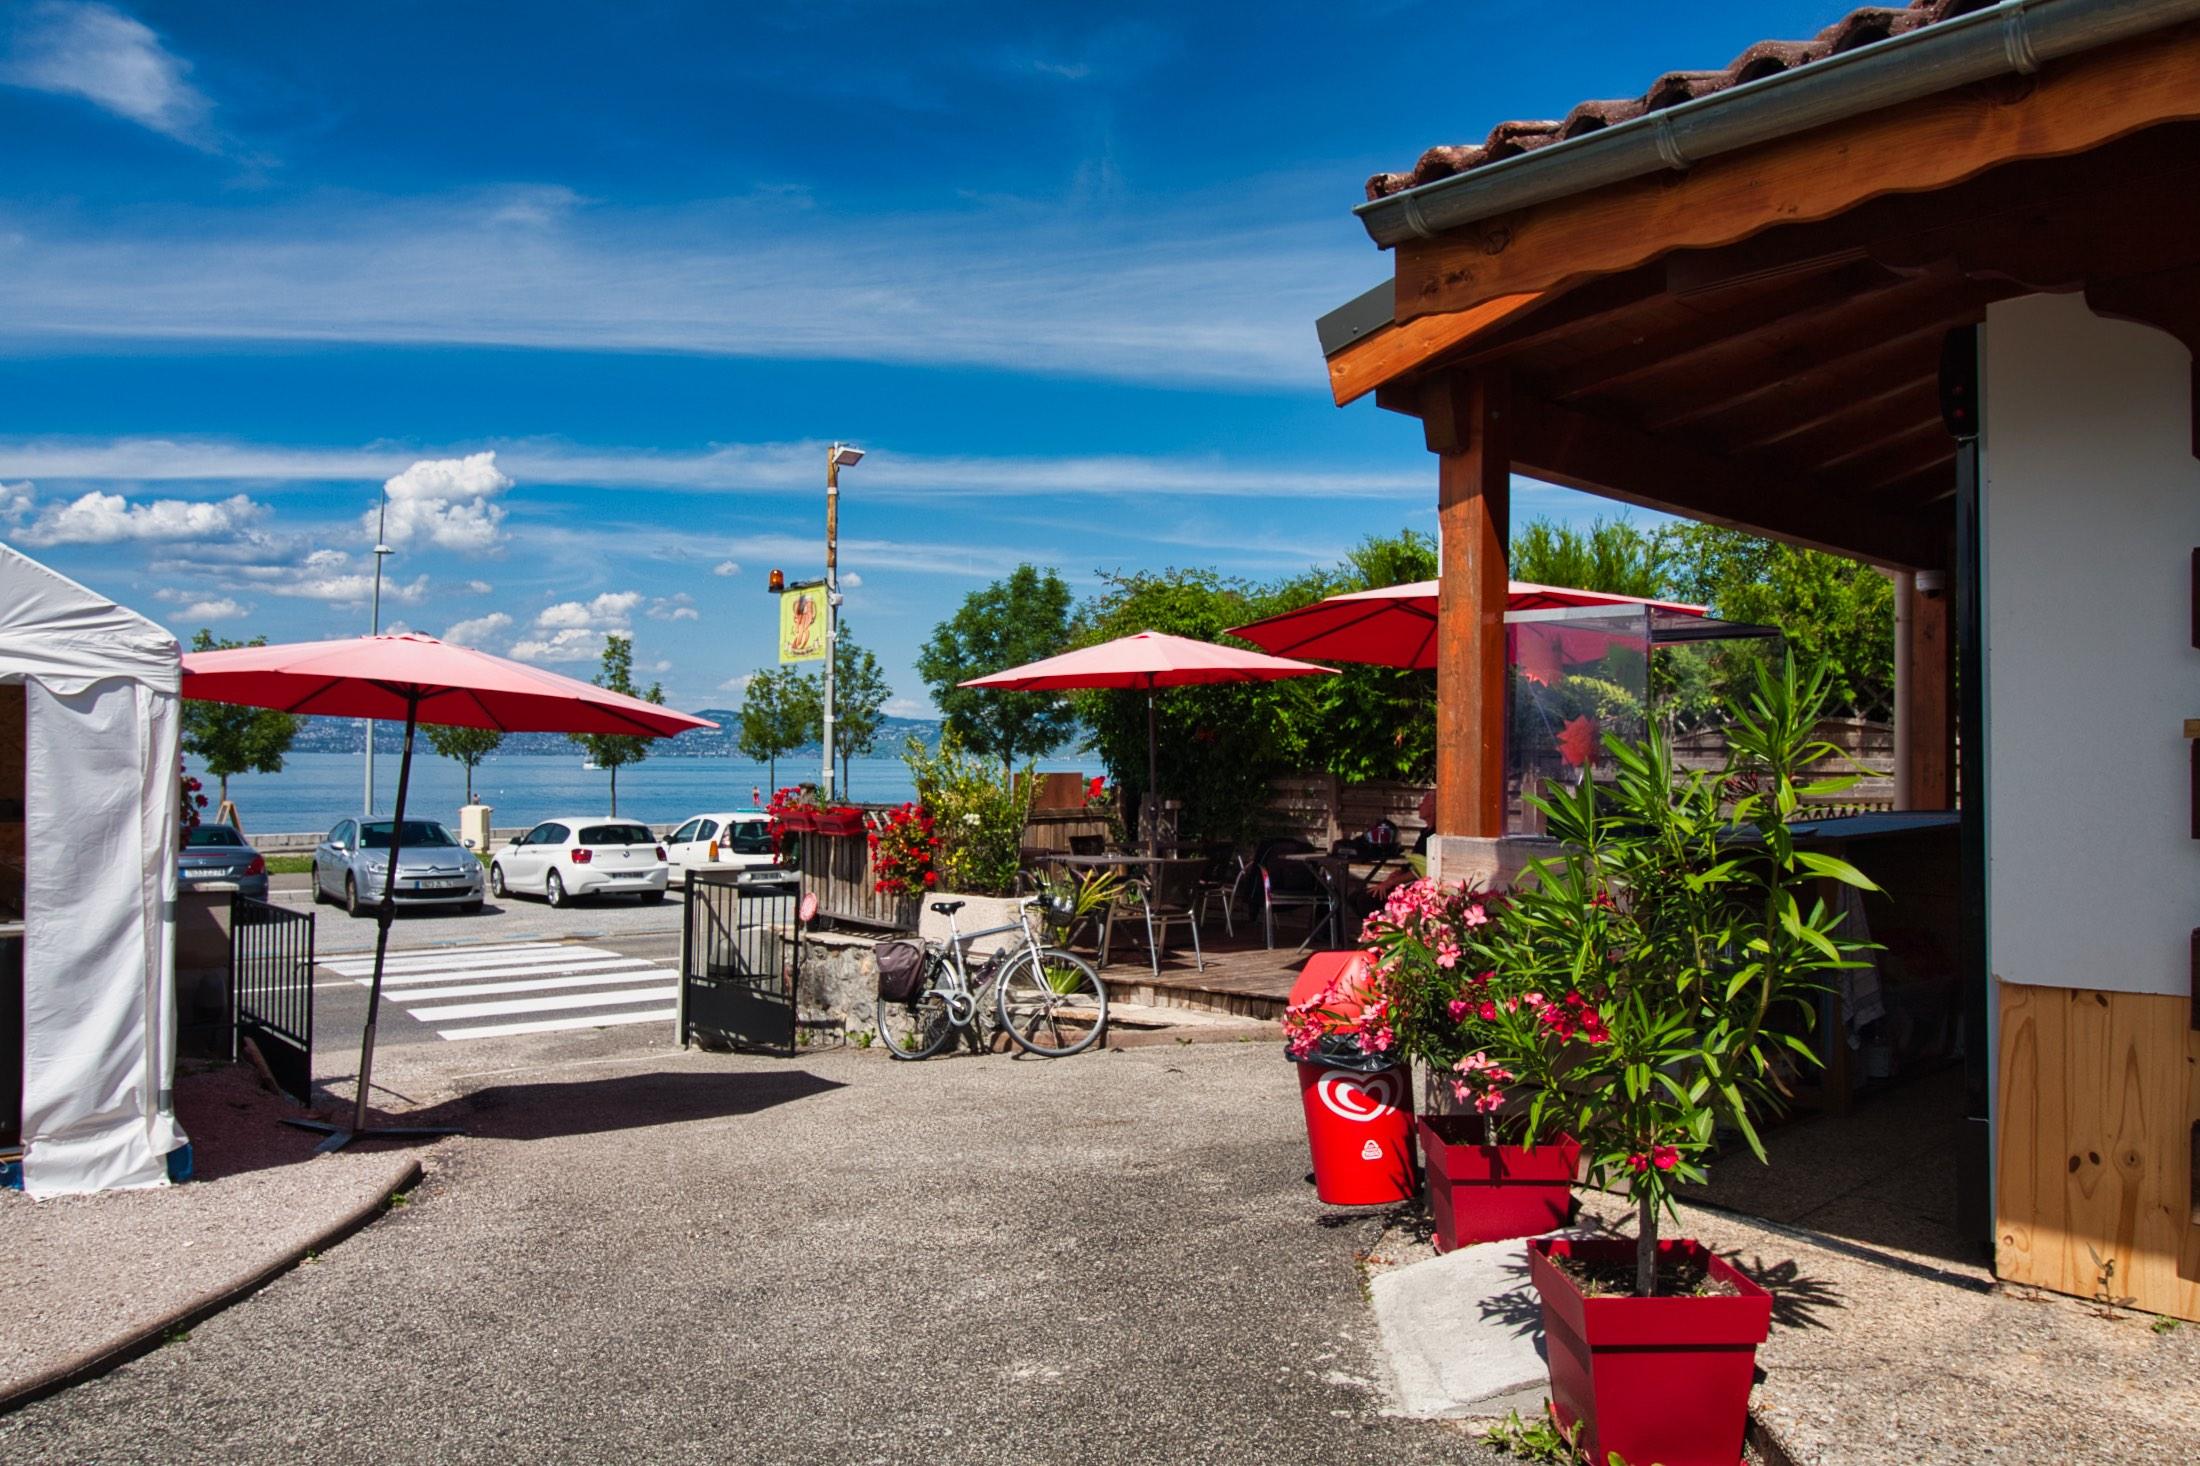 купить коммерческую недвижимость женевское озеро франция